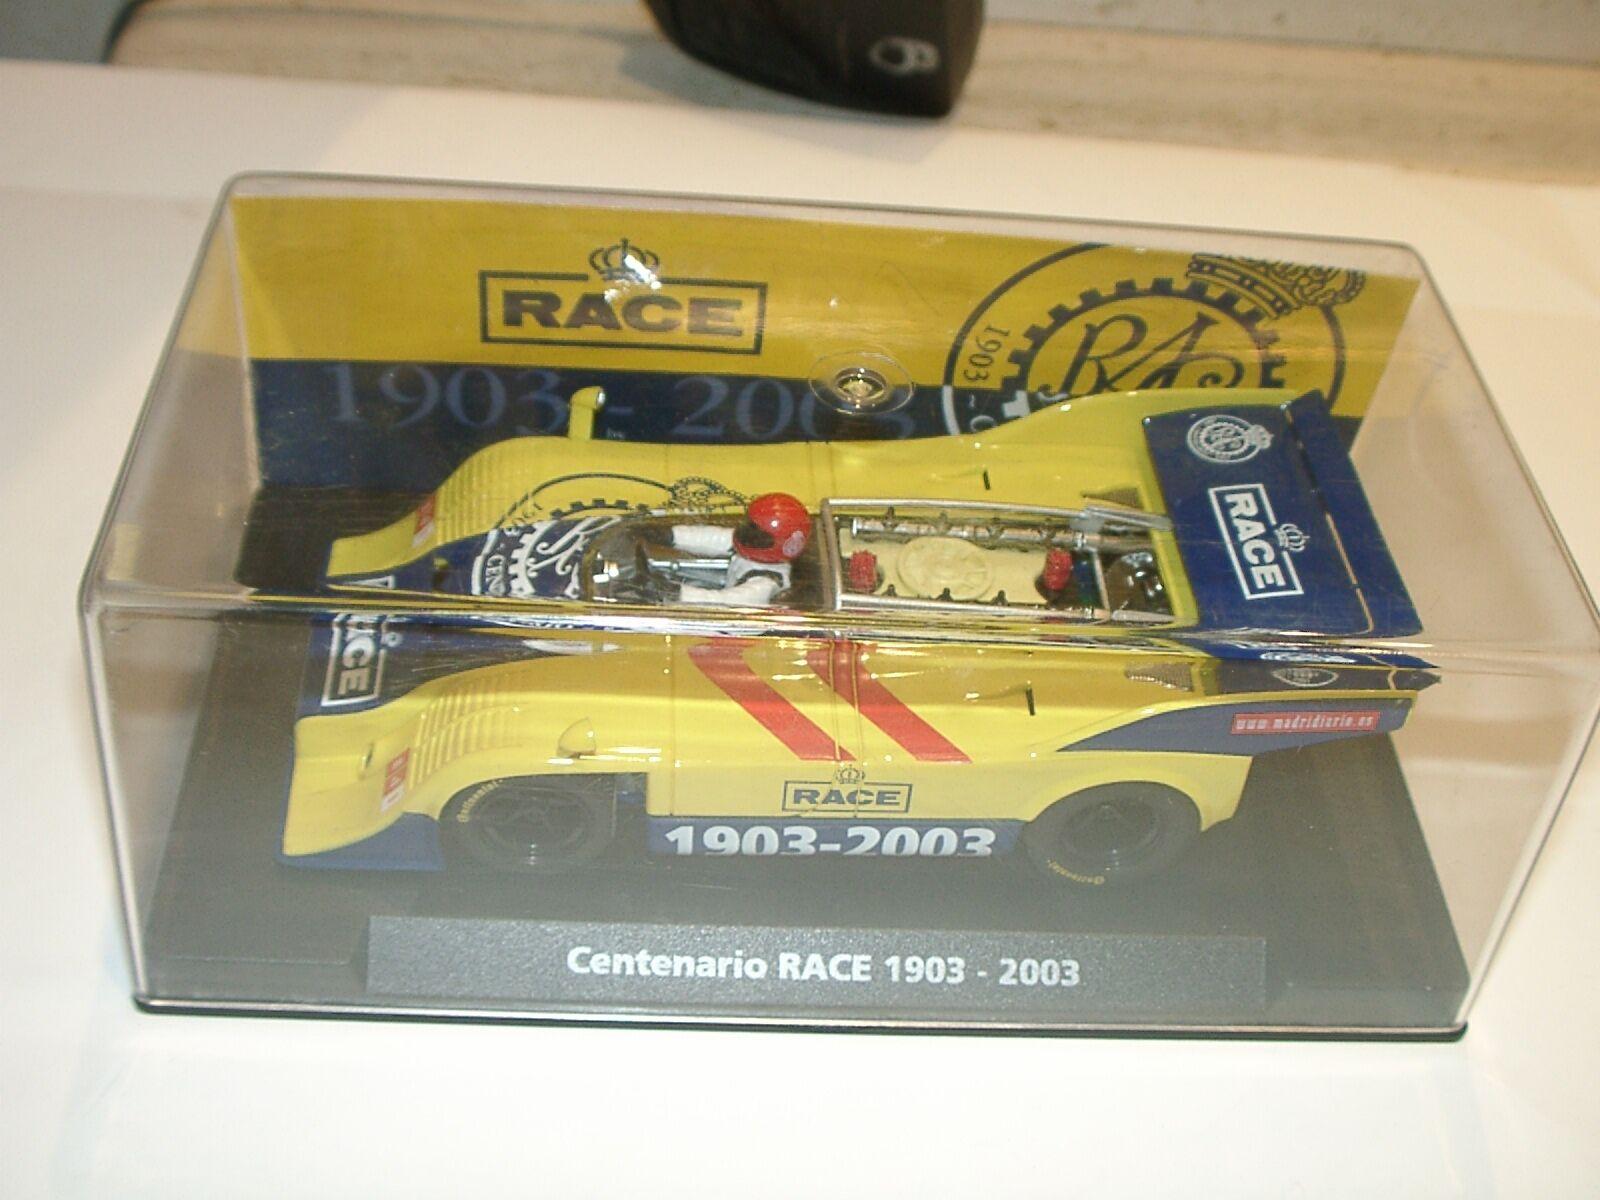 STsz) FLY E161 96018 PORSCHE 917 RACE 1903-2003 LTED utgåva - smassa 1 32 skala